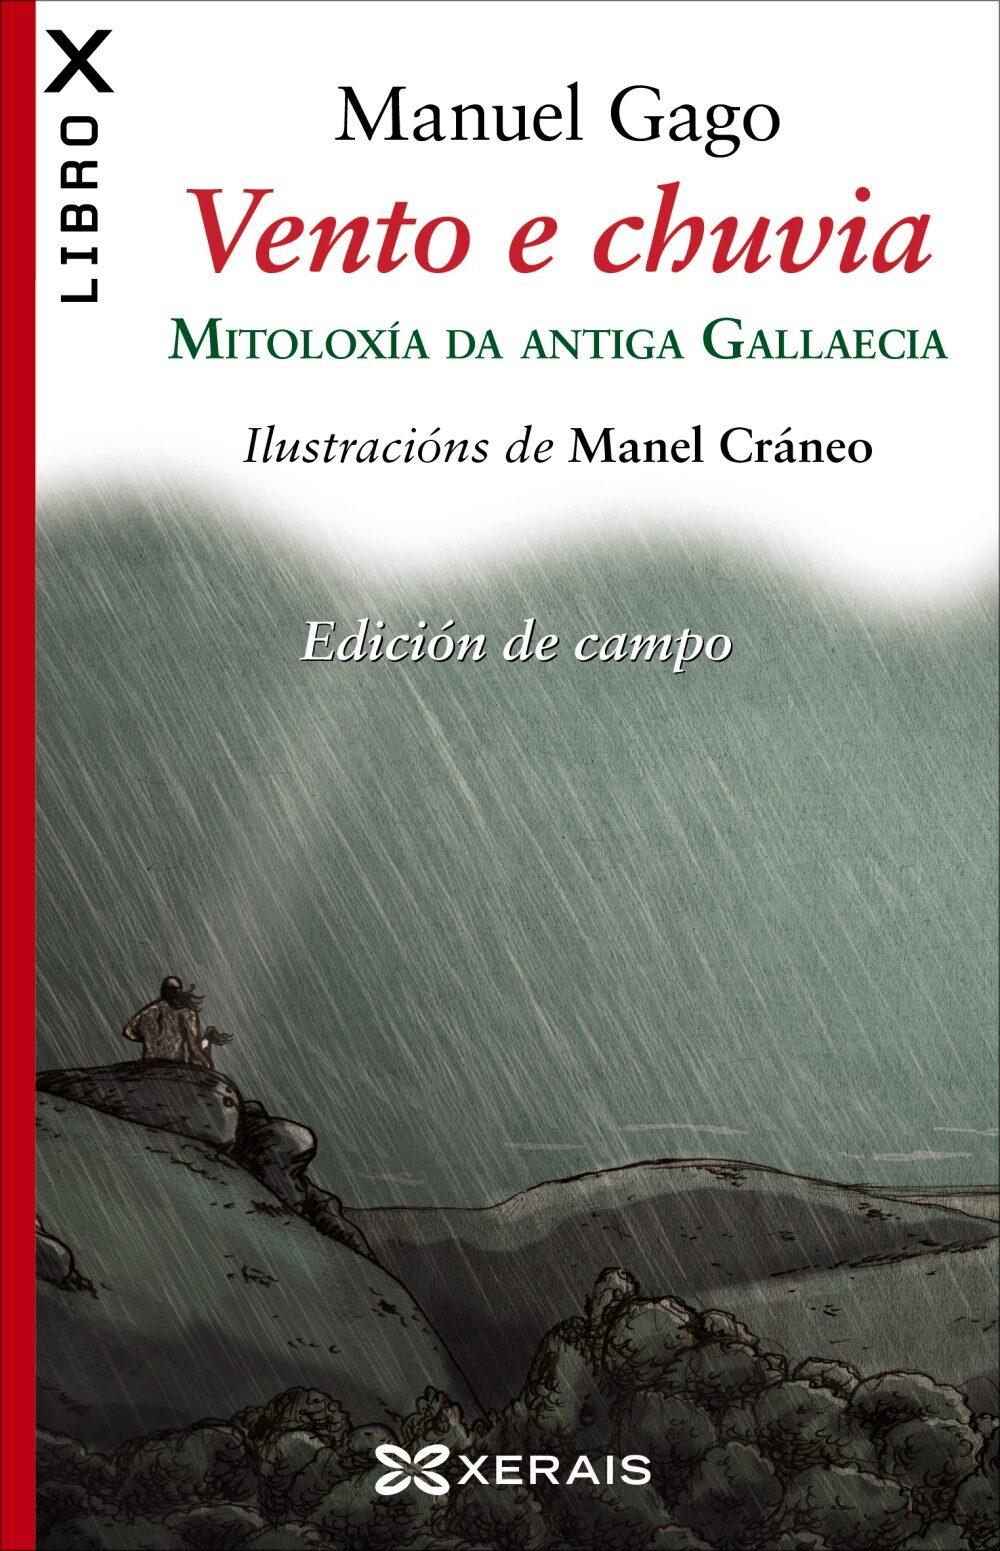 Resultado de imagen de VENTO E CHUVIA MITOLOXIA DA ANTIGA GALLAECIA XERAIS